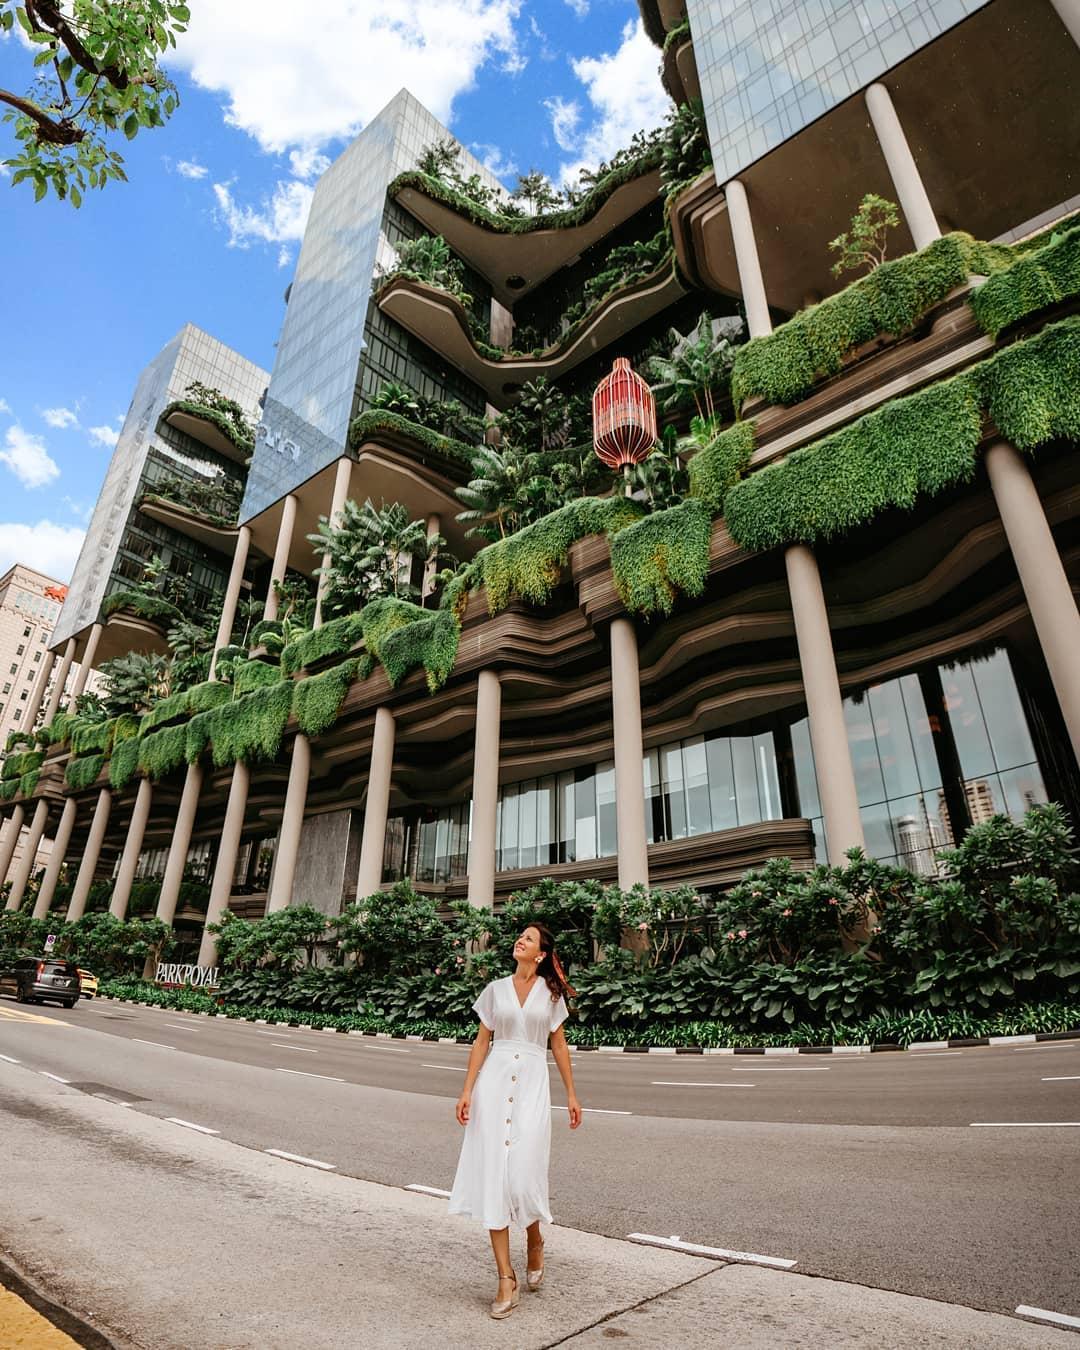 Parkroyal Hotel dari depan